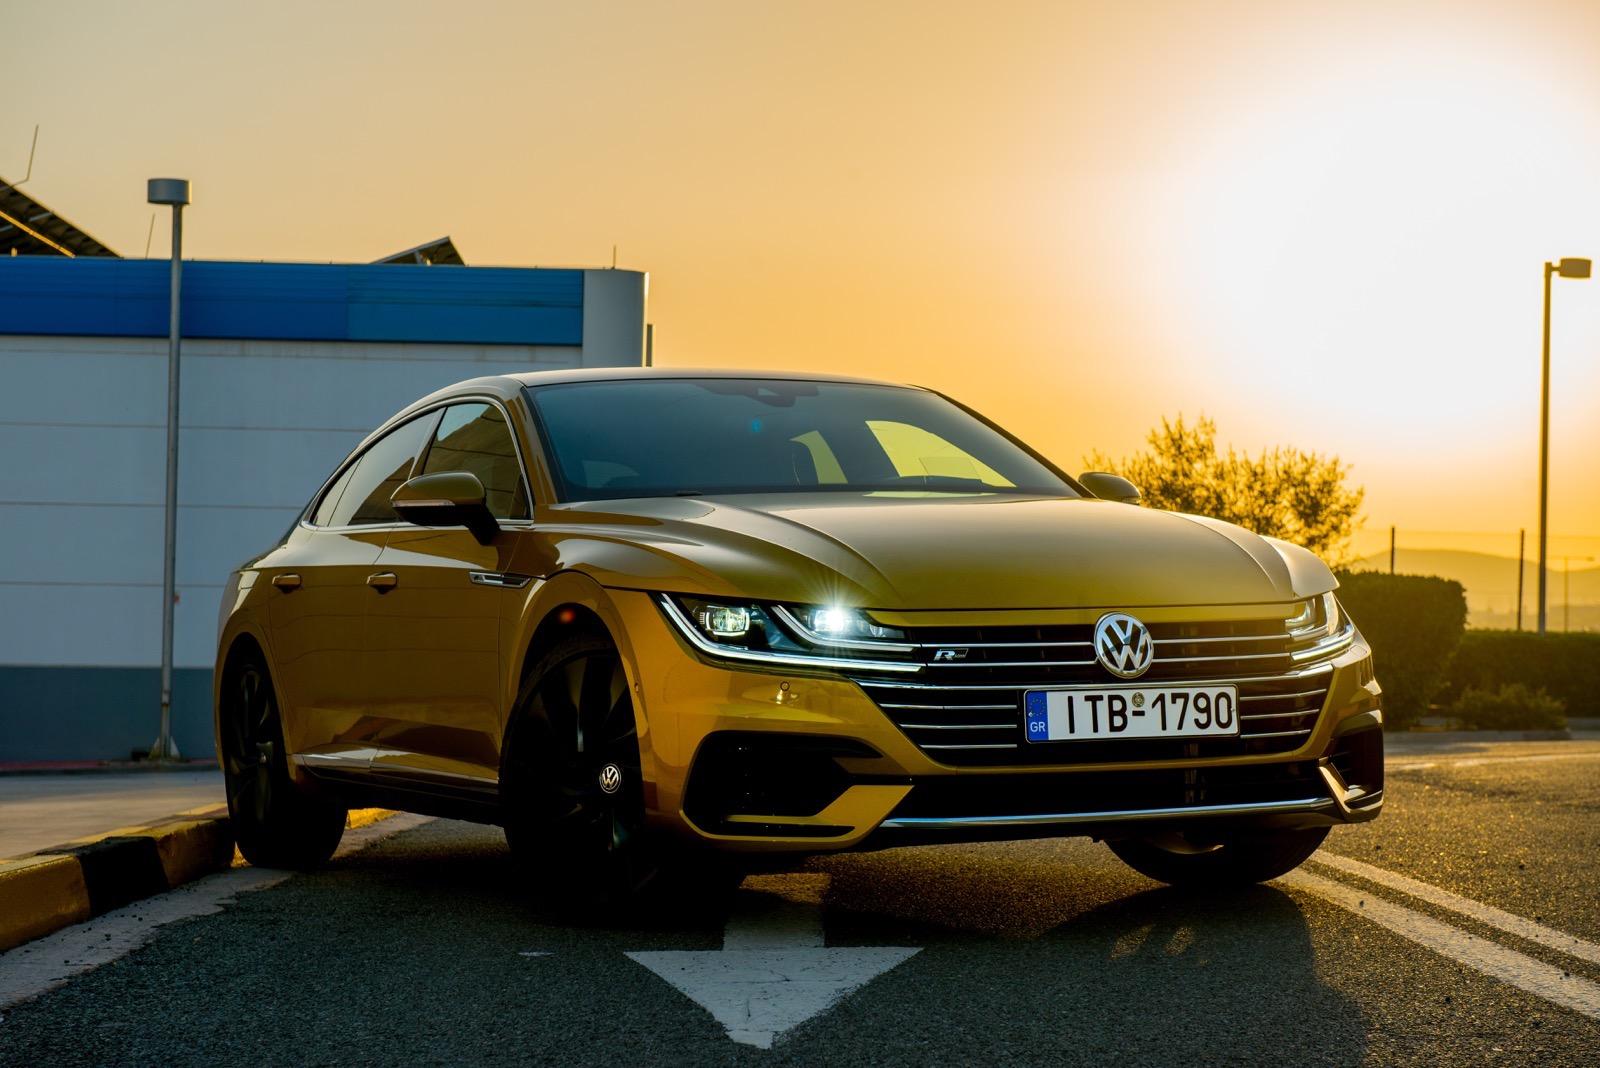 Volkswagen_Arteon_Greek_Presentataion_72